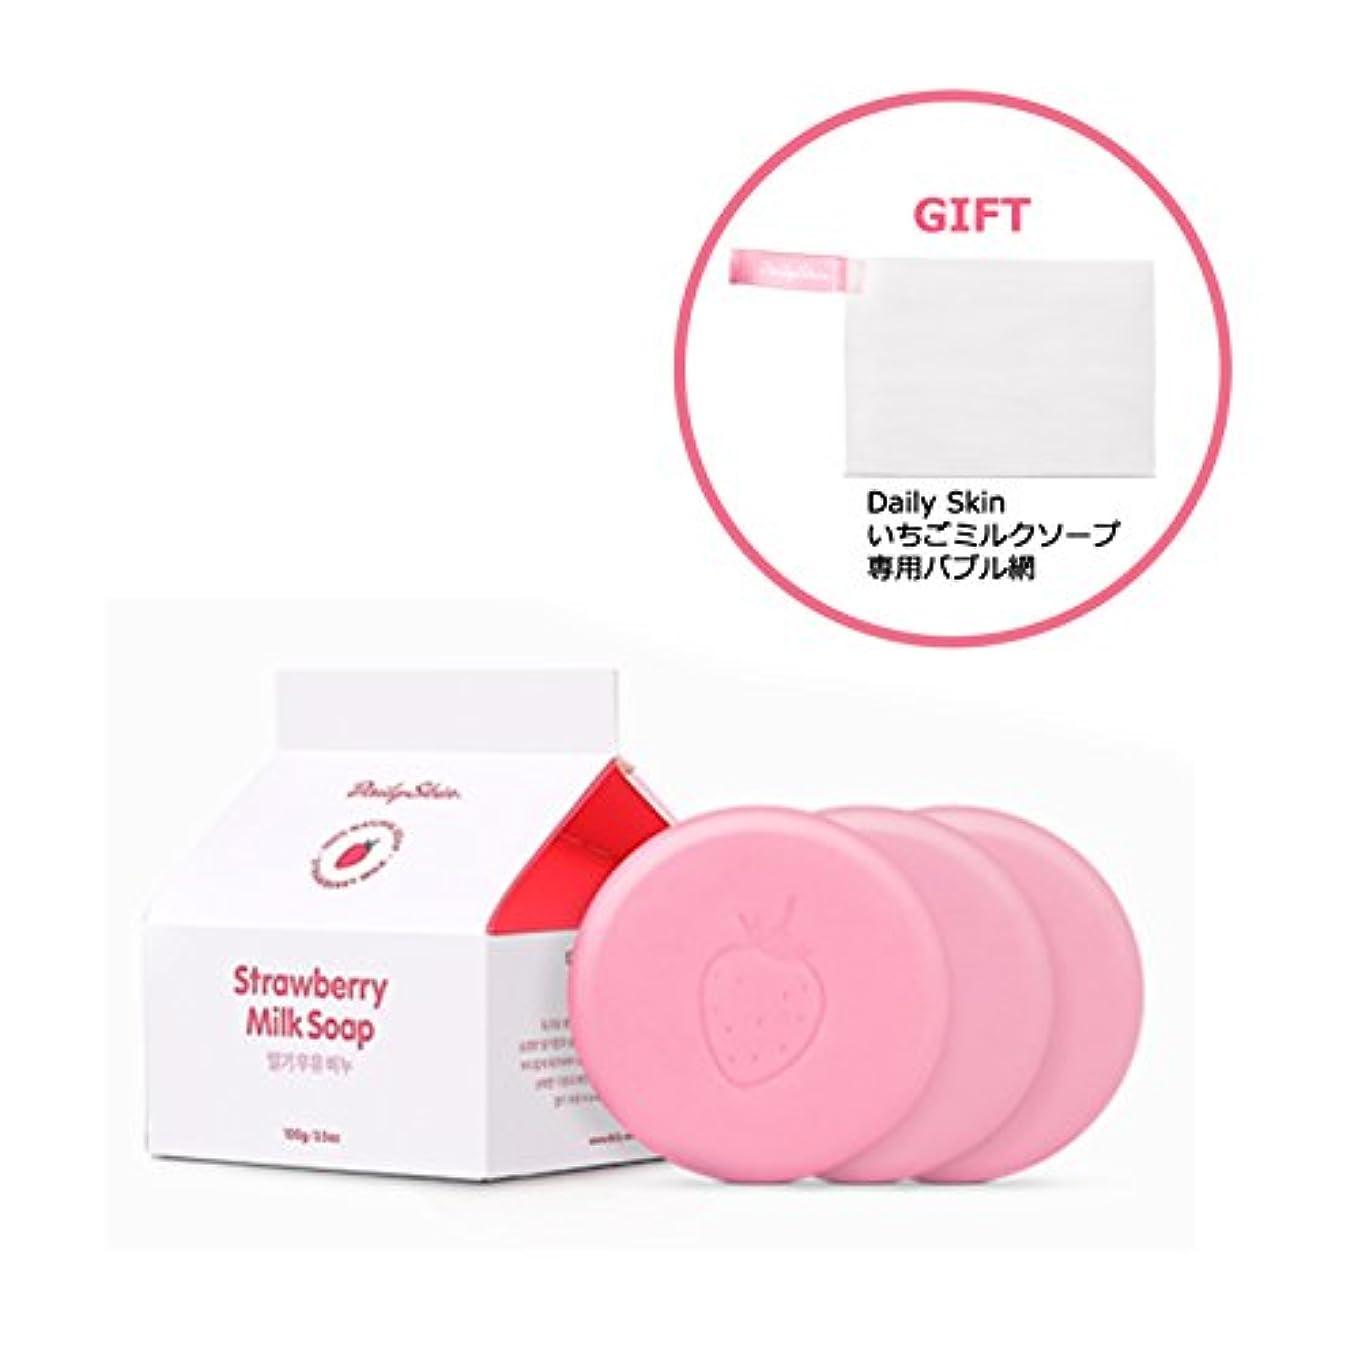 デッドロックひも誇張[3個+専用バブルネット][Daily Skin] デイリースキンリアルイチゴミルクソープ 石鹸 Real Natural Strawberry Milk Soap [並行輸入品]